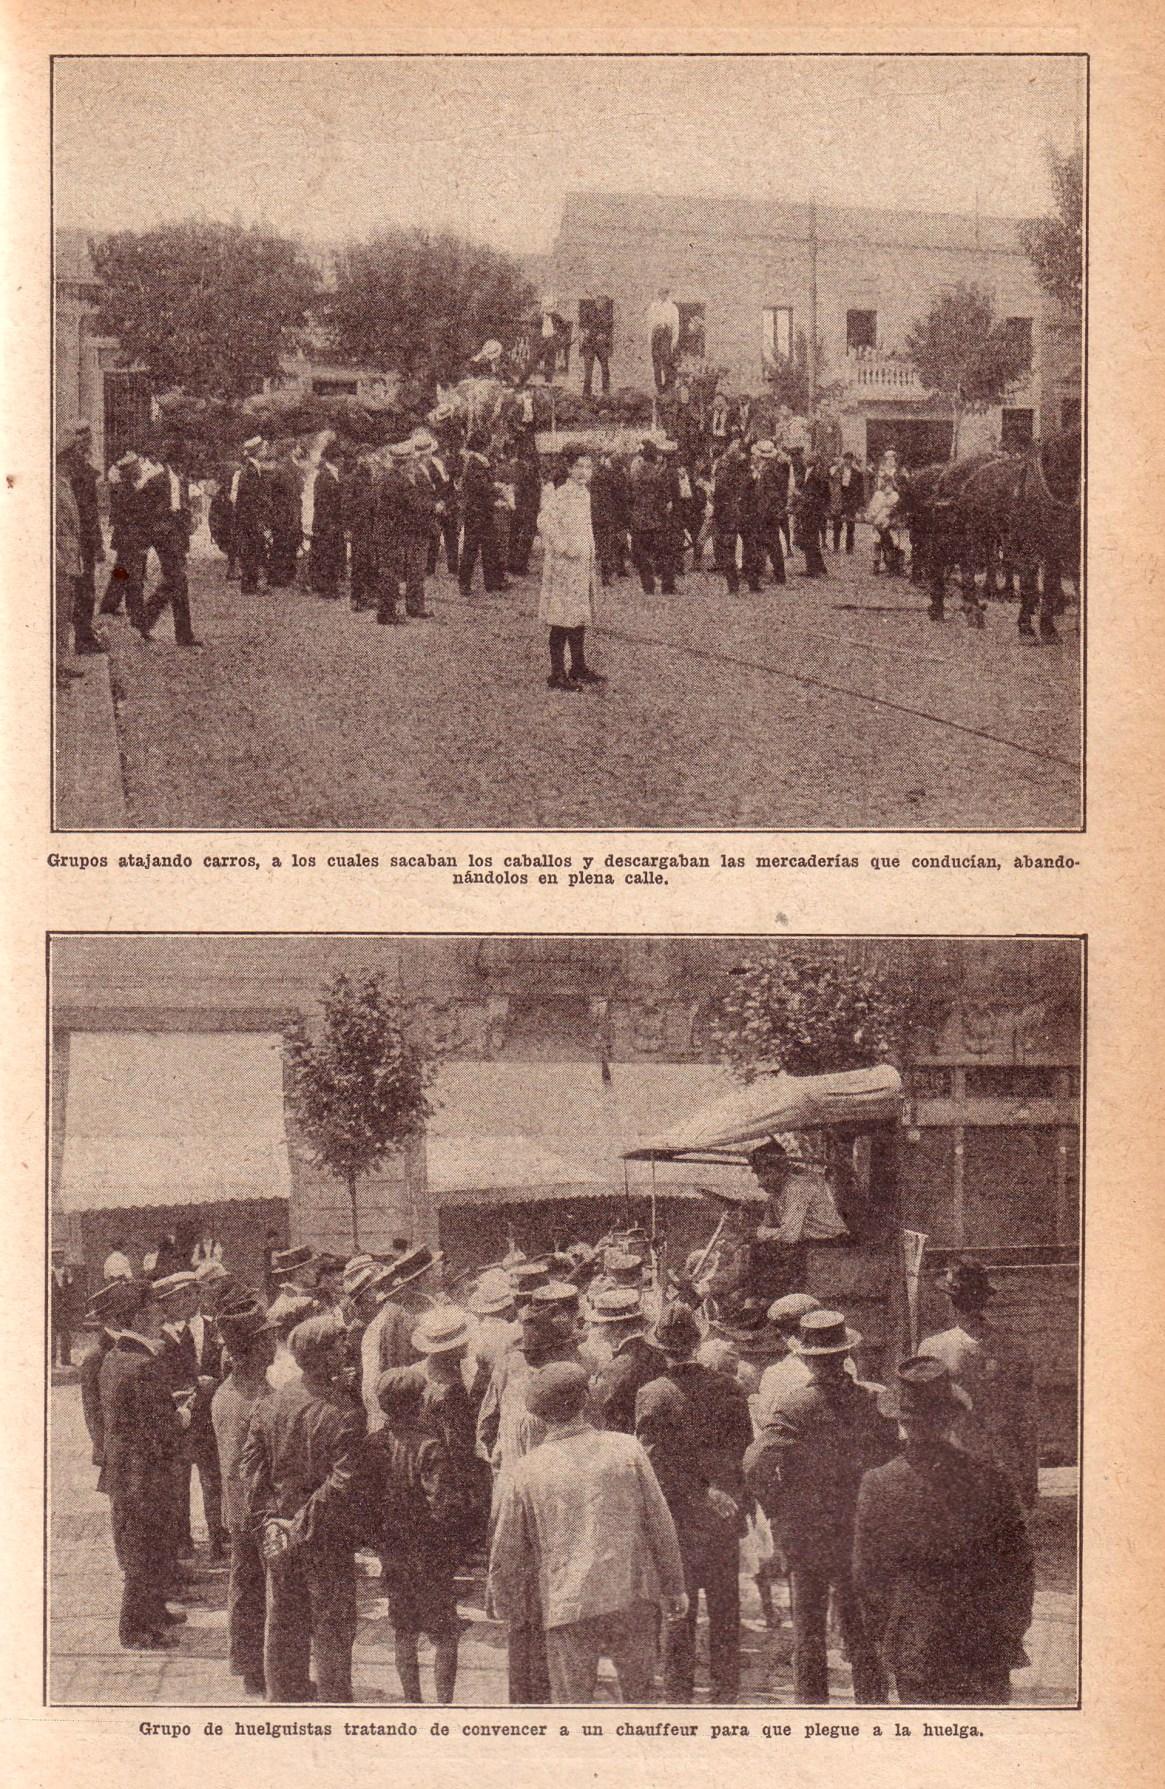 El pogrom judío de enero de 1919 quedó oculto en el interior de los sucesos de la Semana Trágica